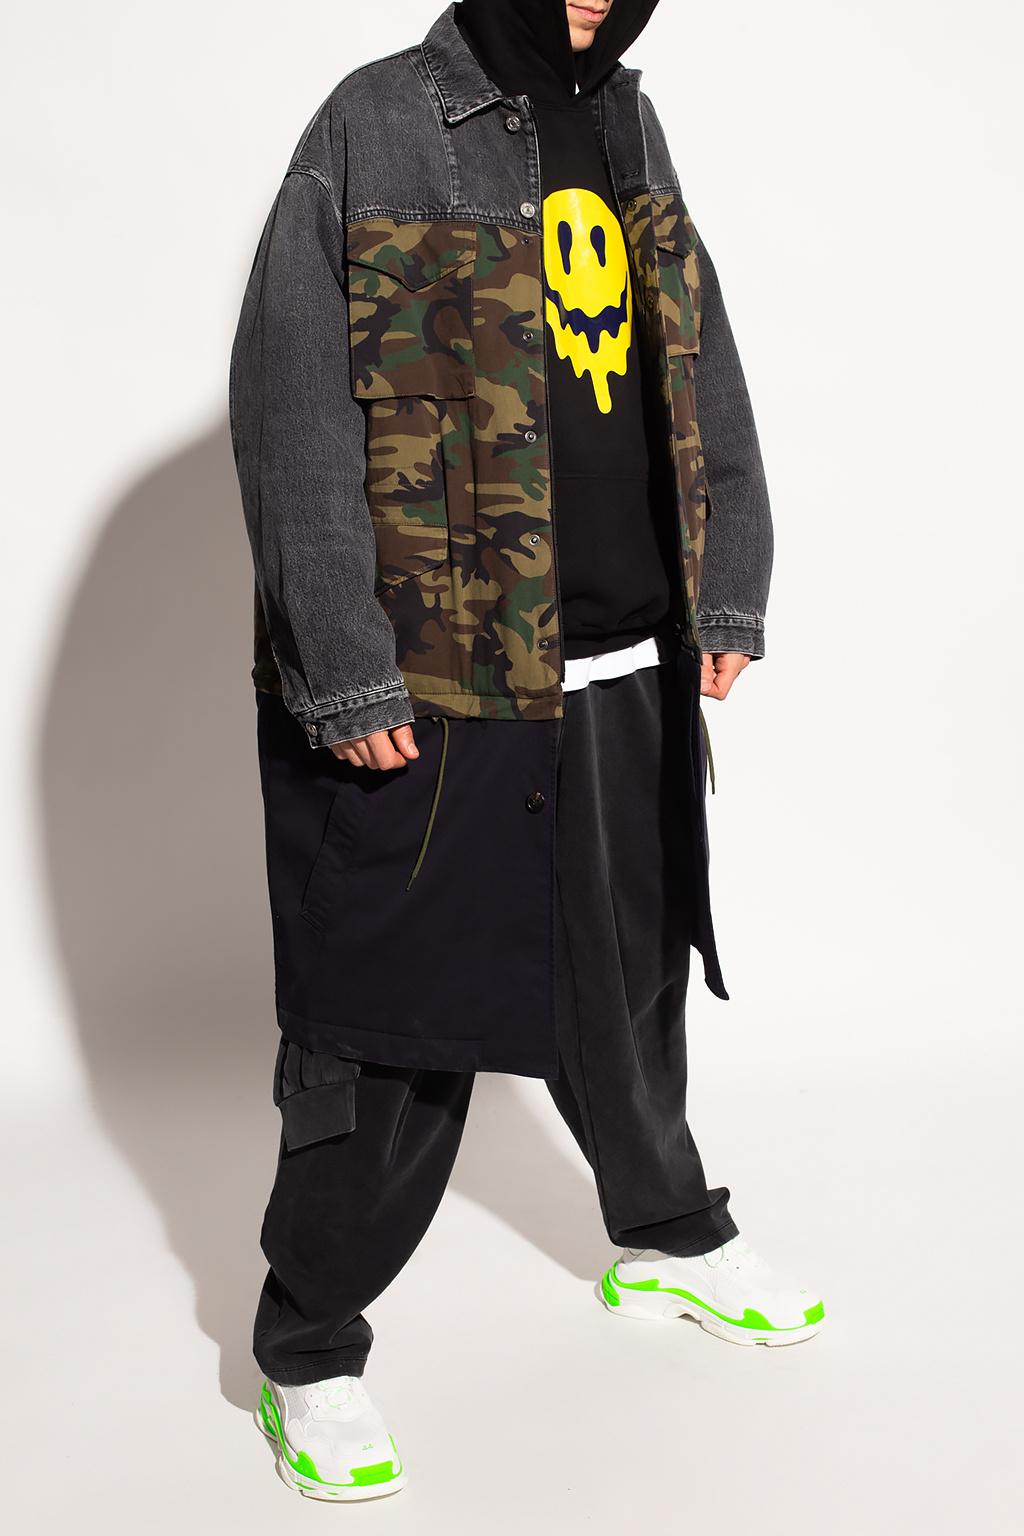 Balenciaga Jacket with pockets